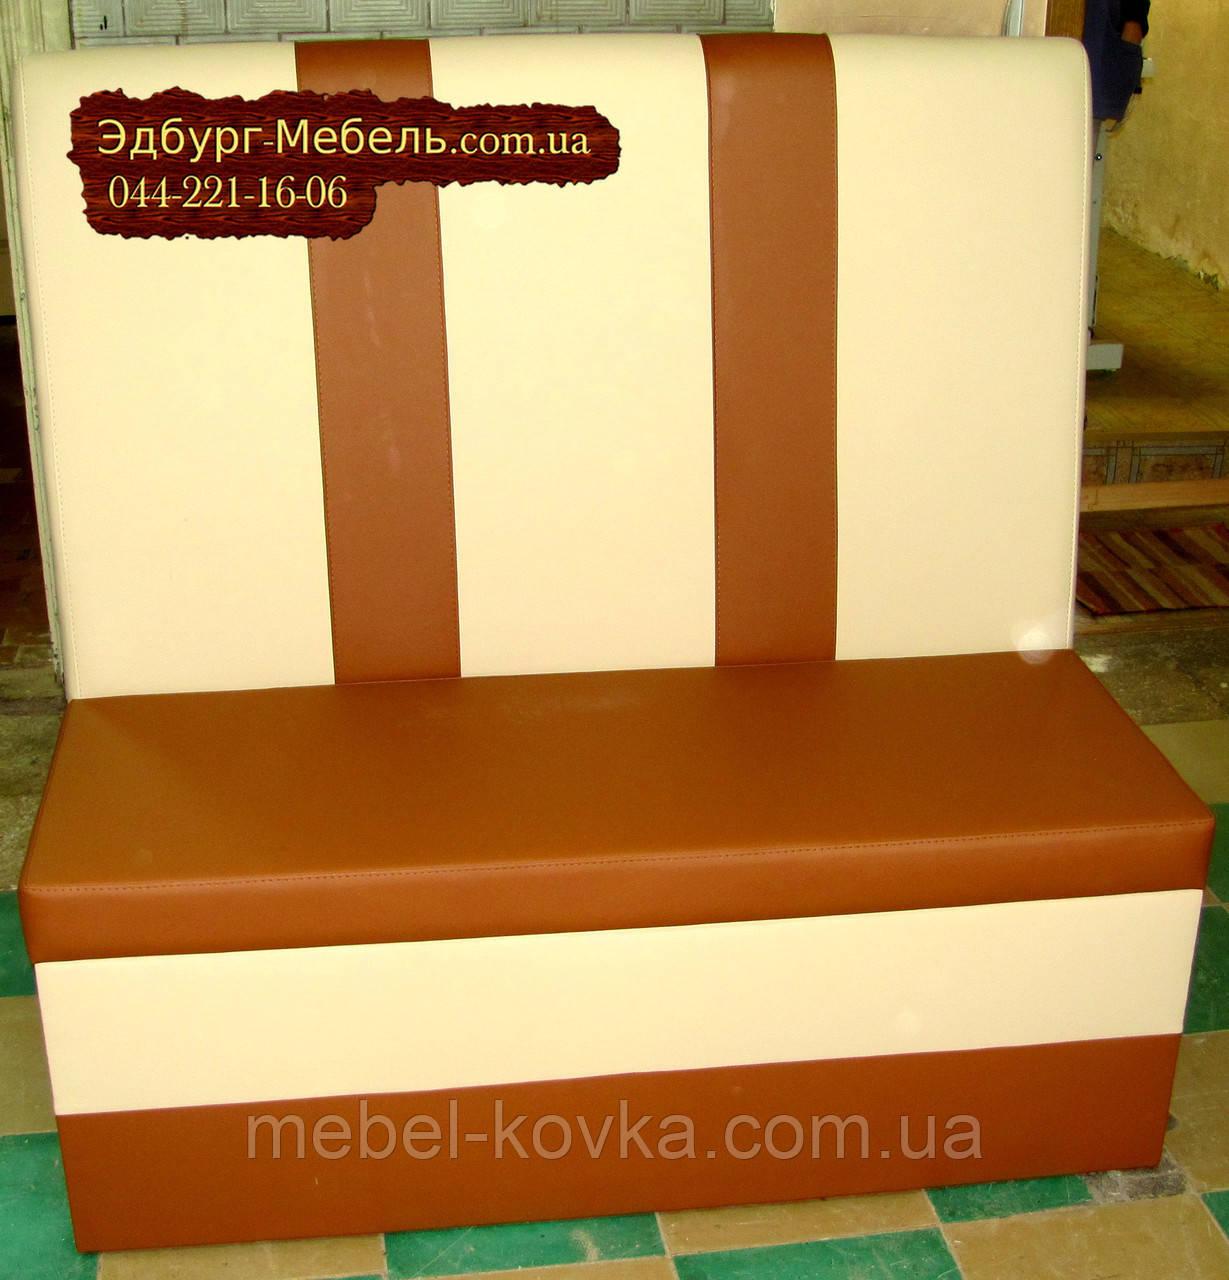 Високий диван для кафе Празький торт